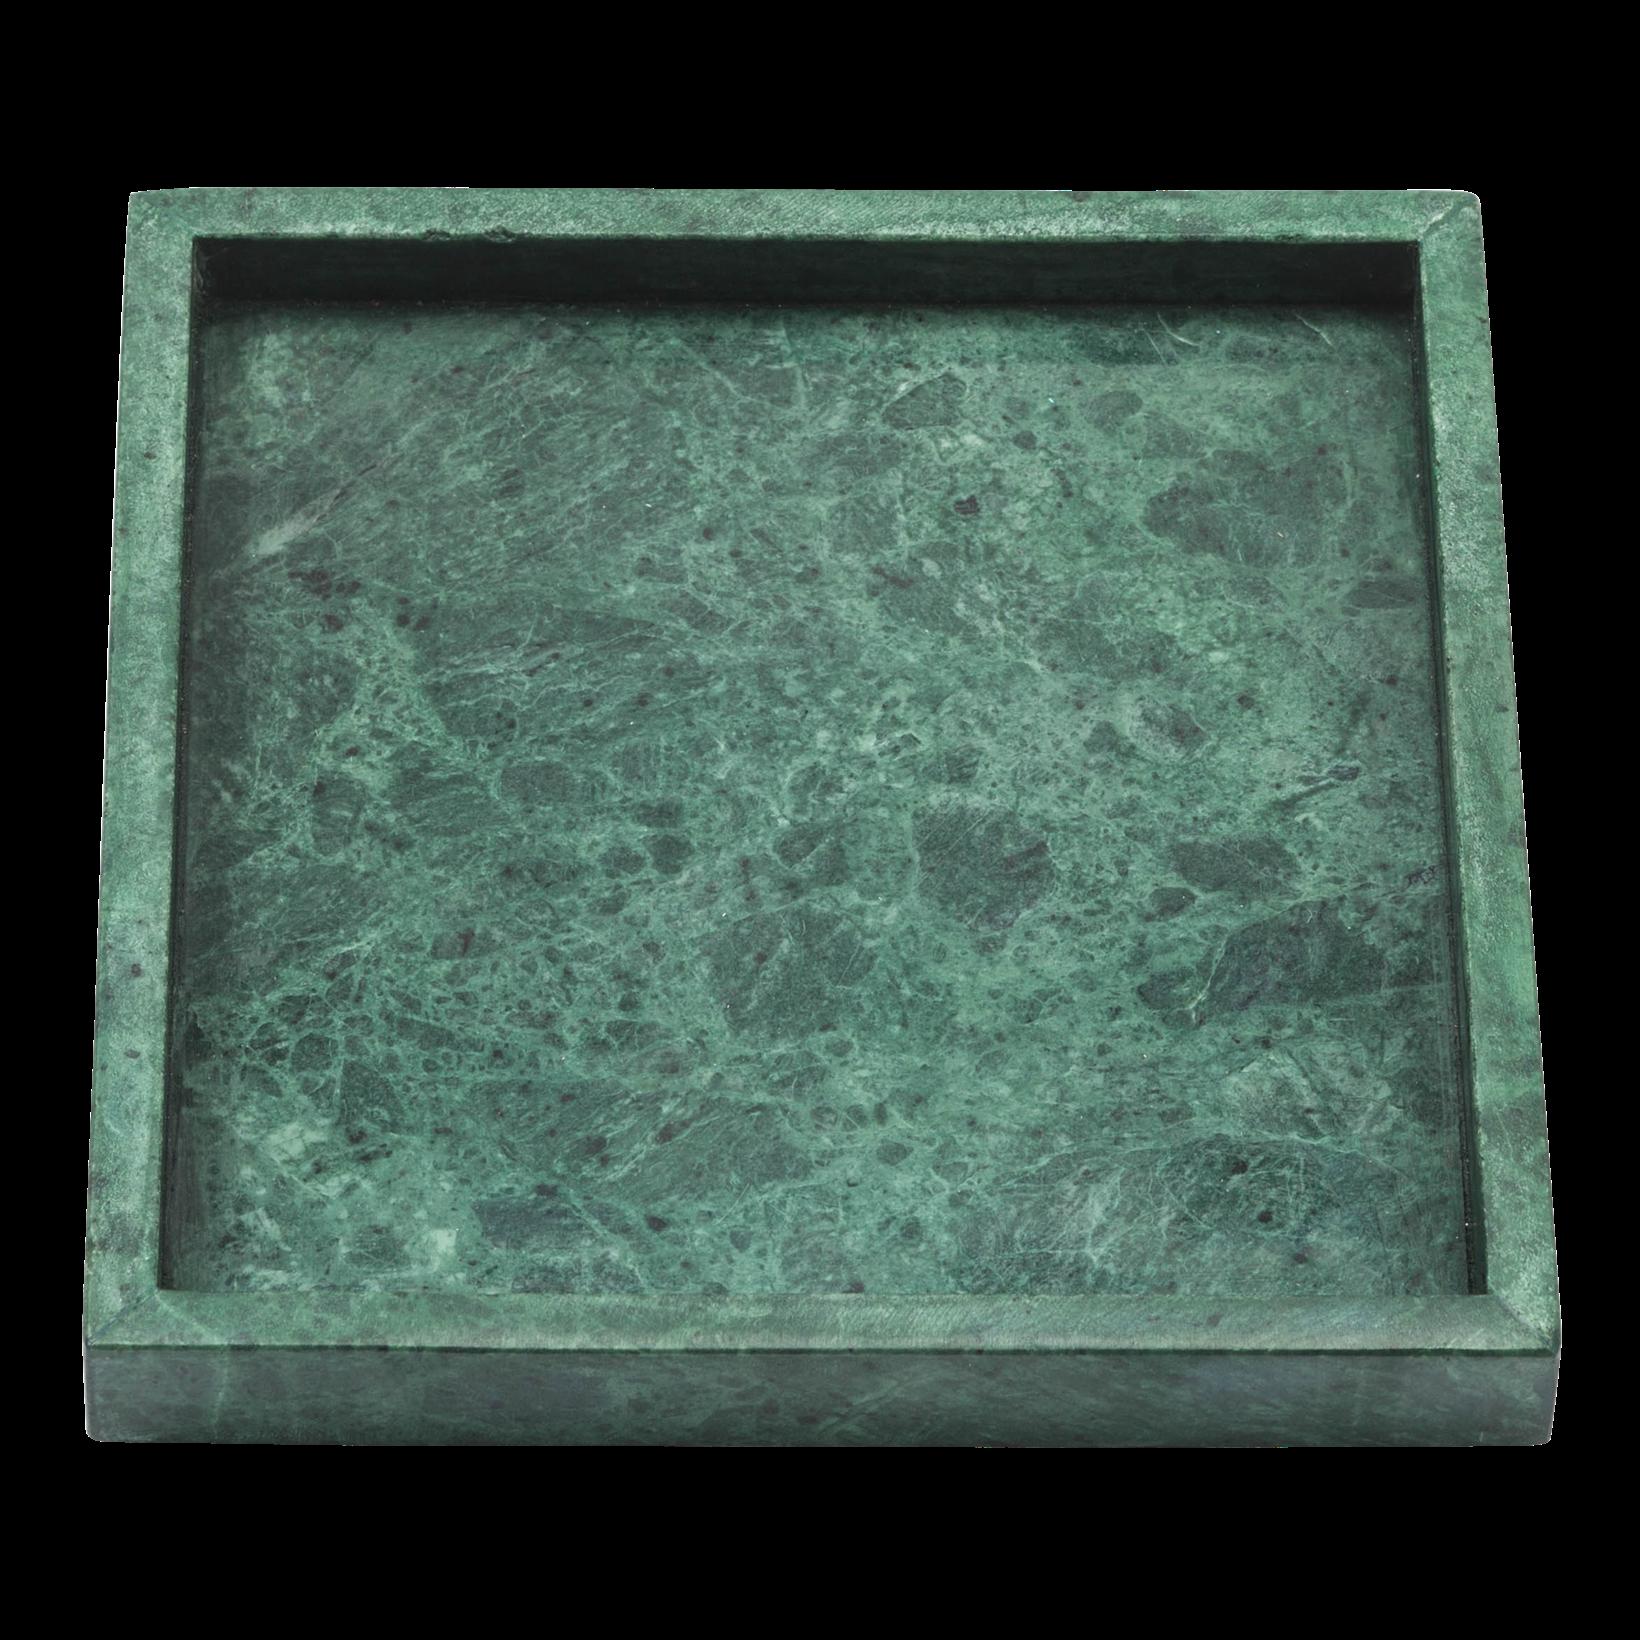 CRÉTON MAISON marmorbakke 20 x 20 cm